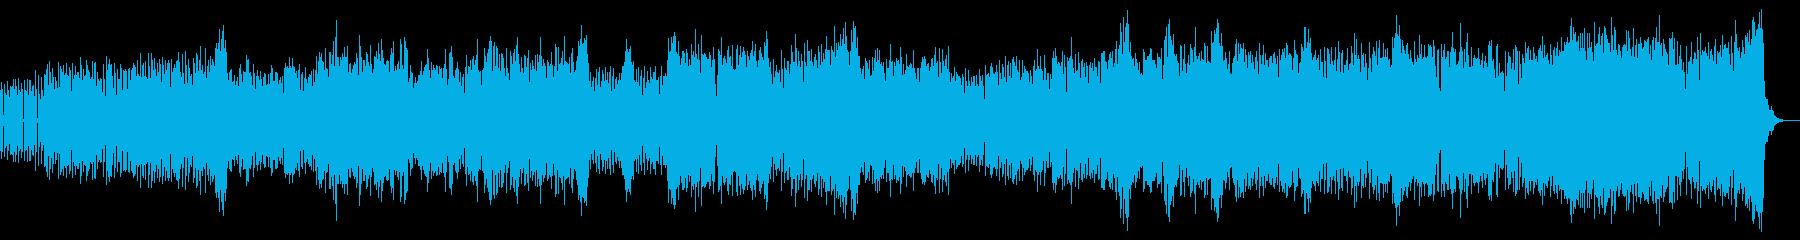 憂鬱なイメージのUKハードコアの再生済みの波形